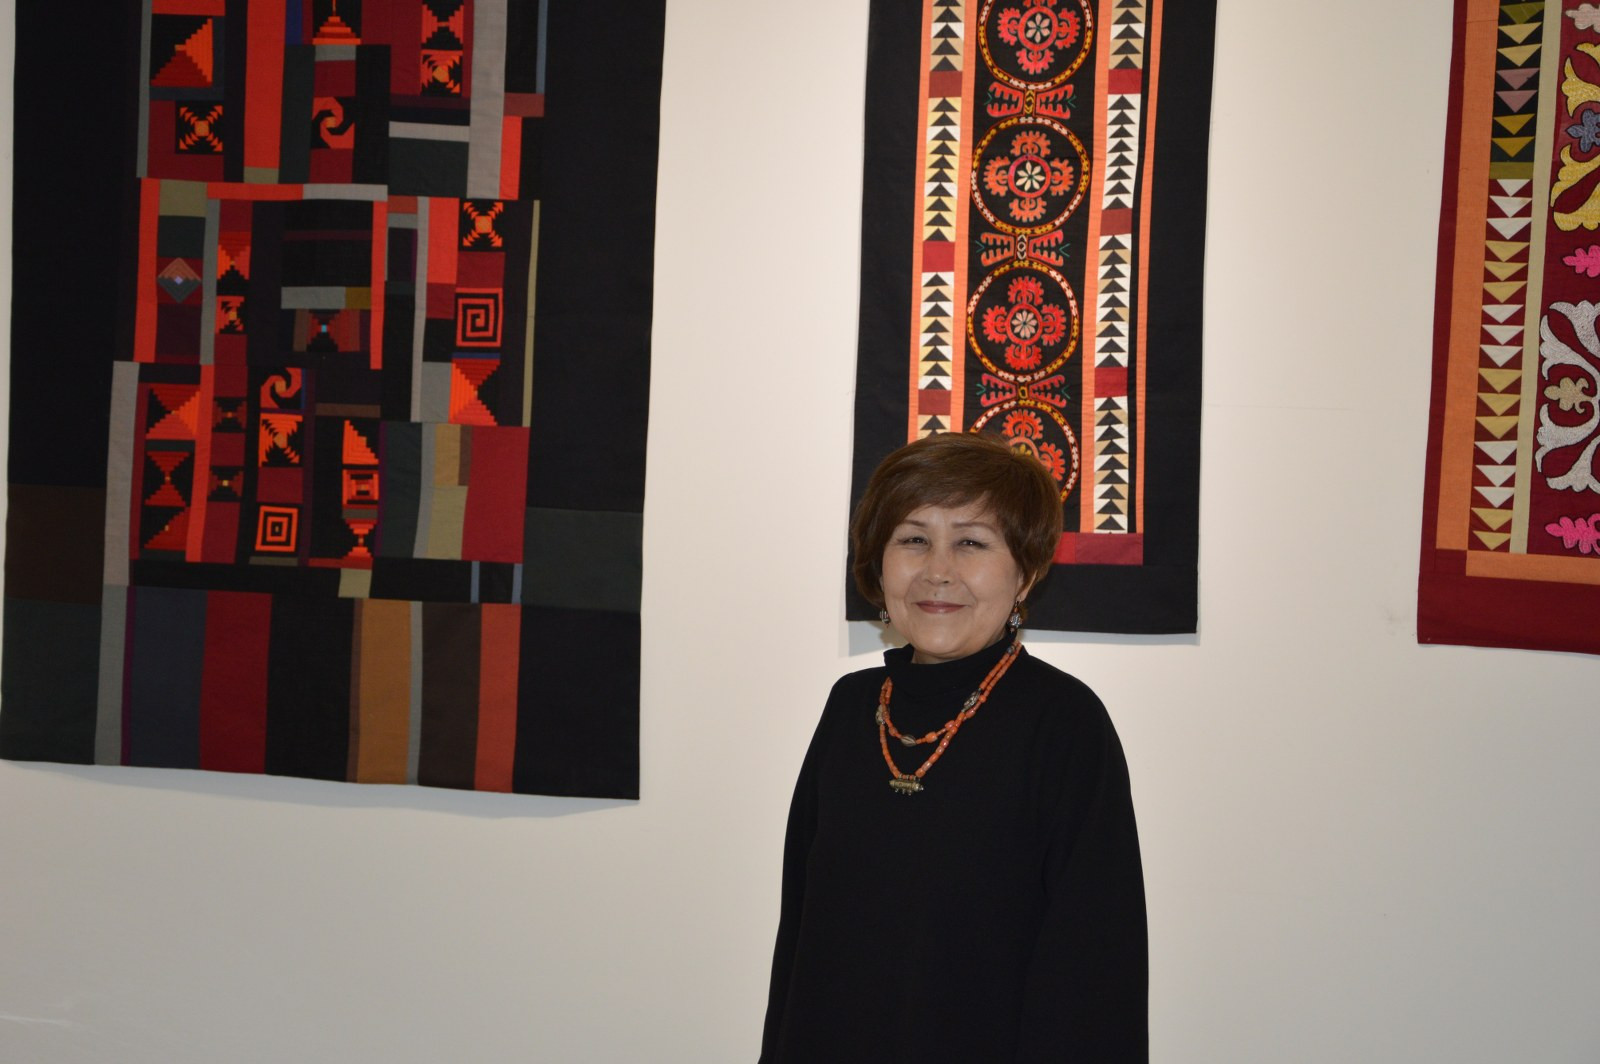 Türk Dünyasından Kadın Sanatçılar İstanbul'da Buluştu Galeri - 31. Resim